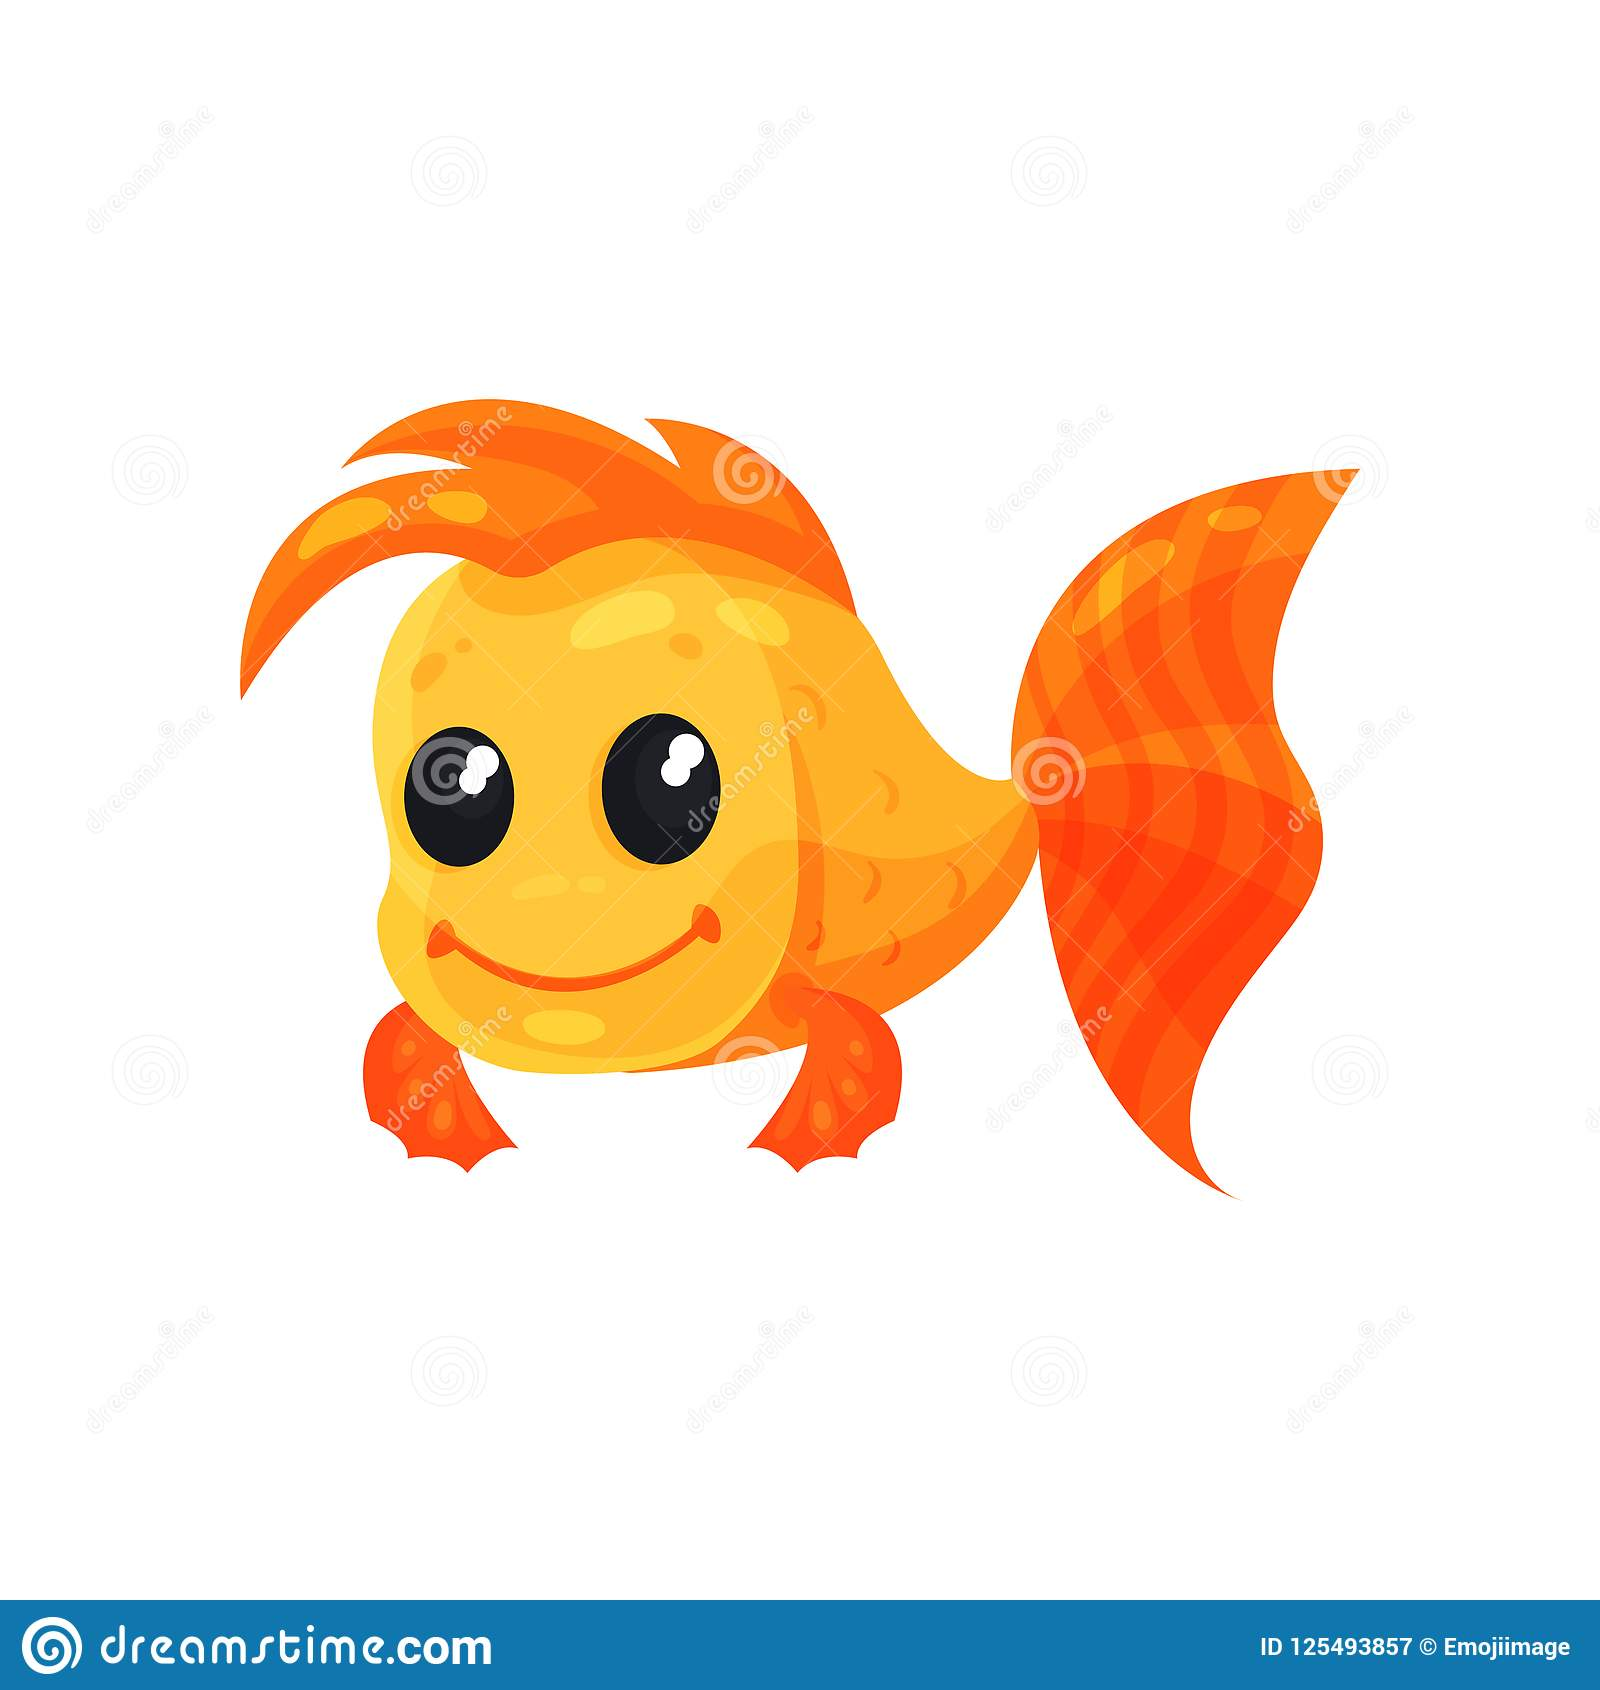 Χαριτωμένο εύθυμο goldfish, αστεία διανυσματική απεικόνιση χαρακτήρα κινουμένων σχεδίων ψαριών σε ένα άσπρο υπόβαθρο